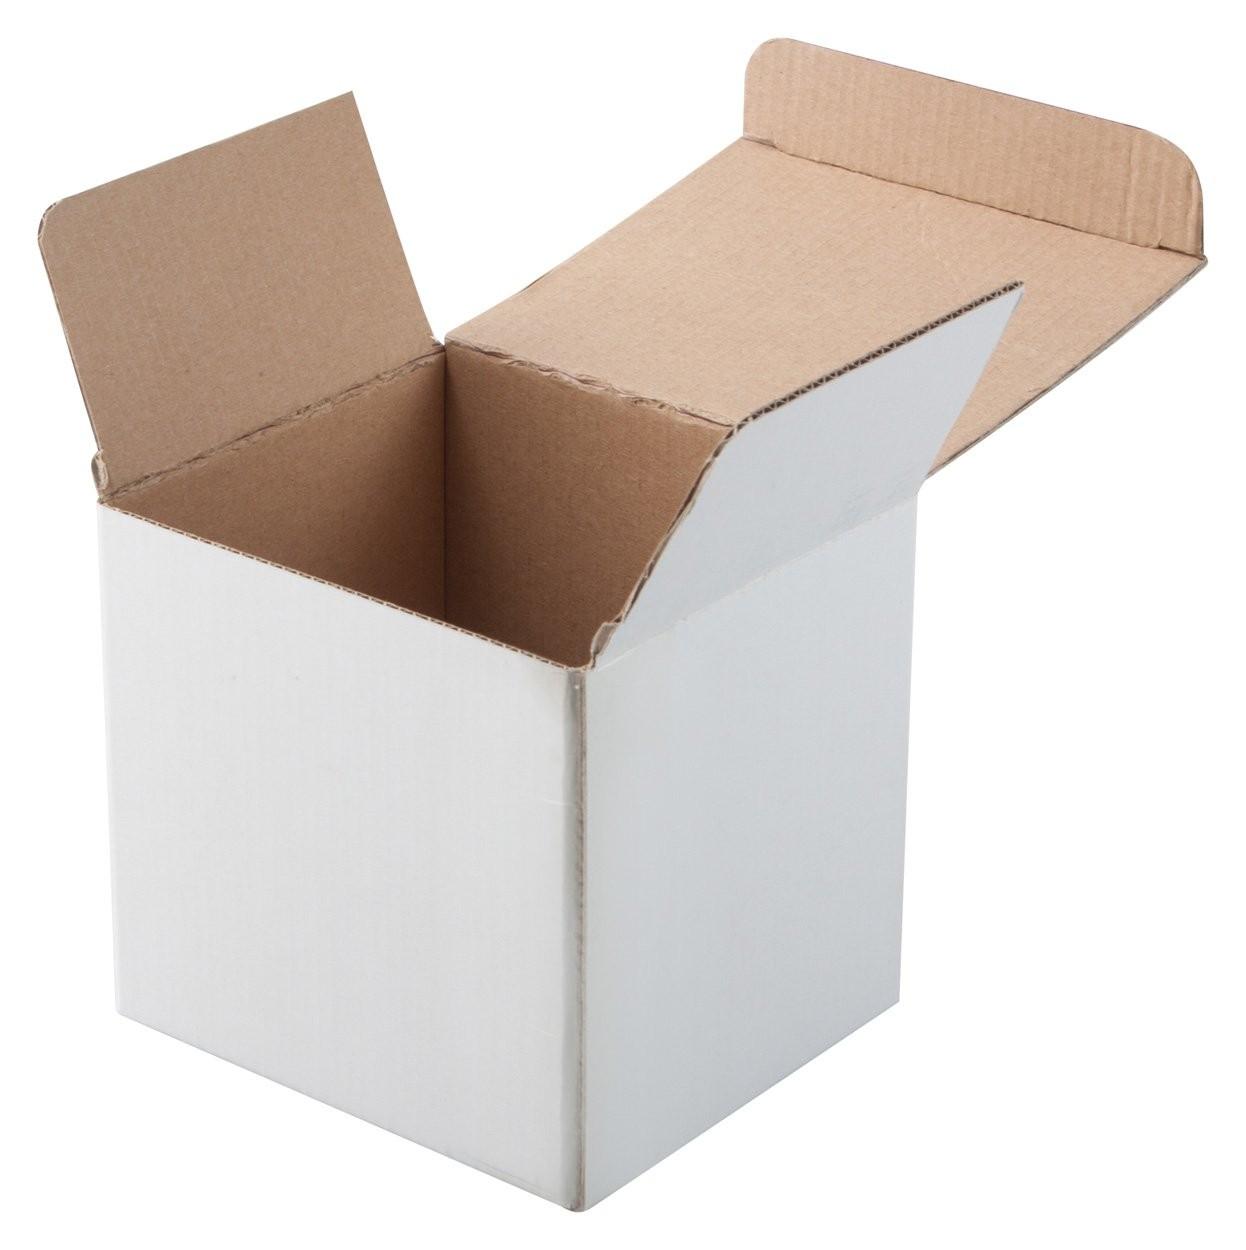 Karton Geschenkbox Three